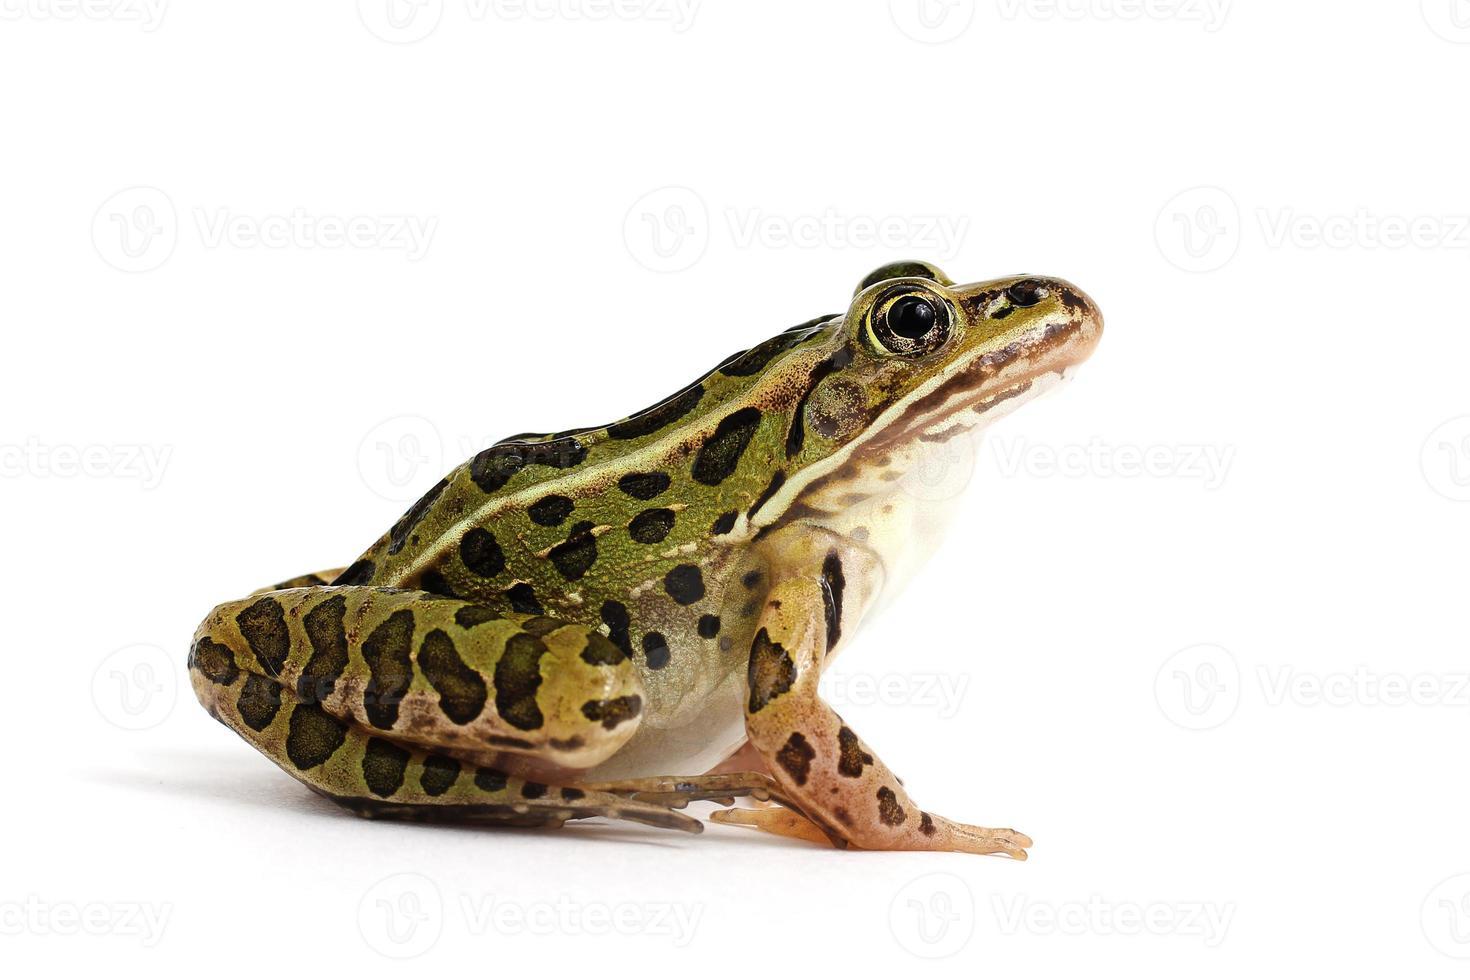 grenouille léopard (lithobates pipiens) photo